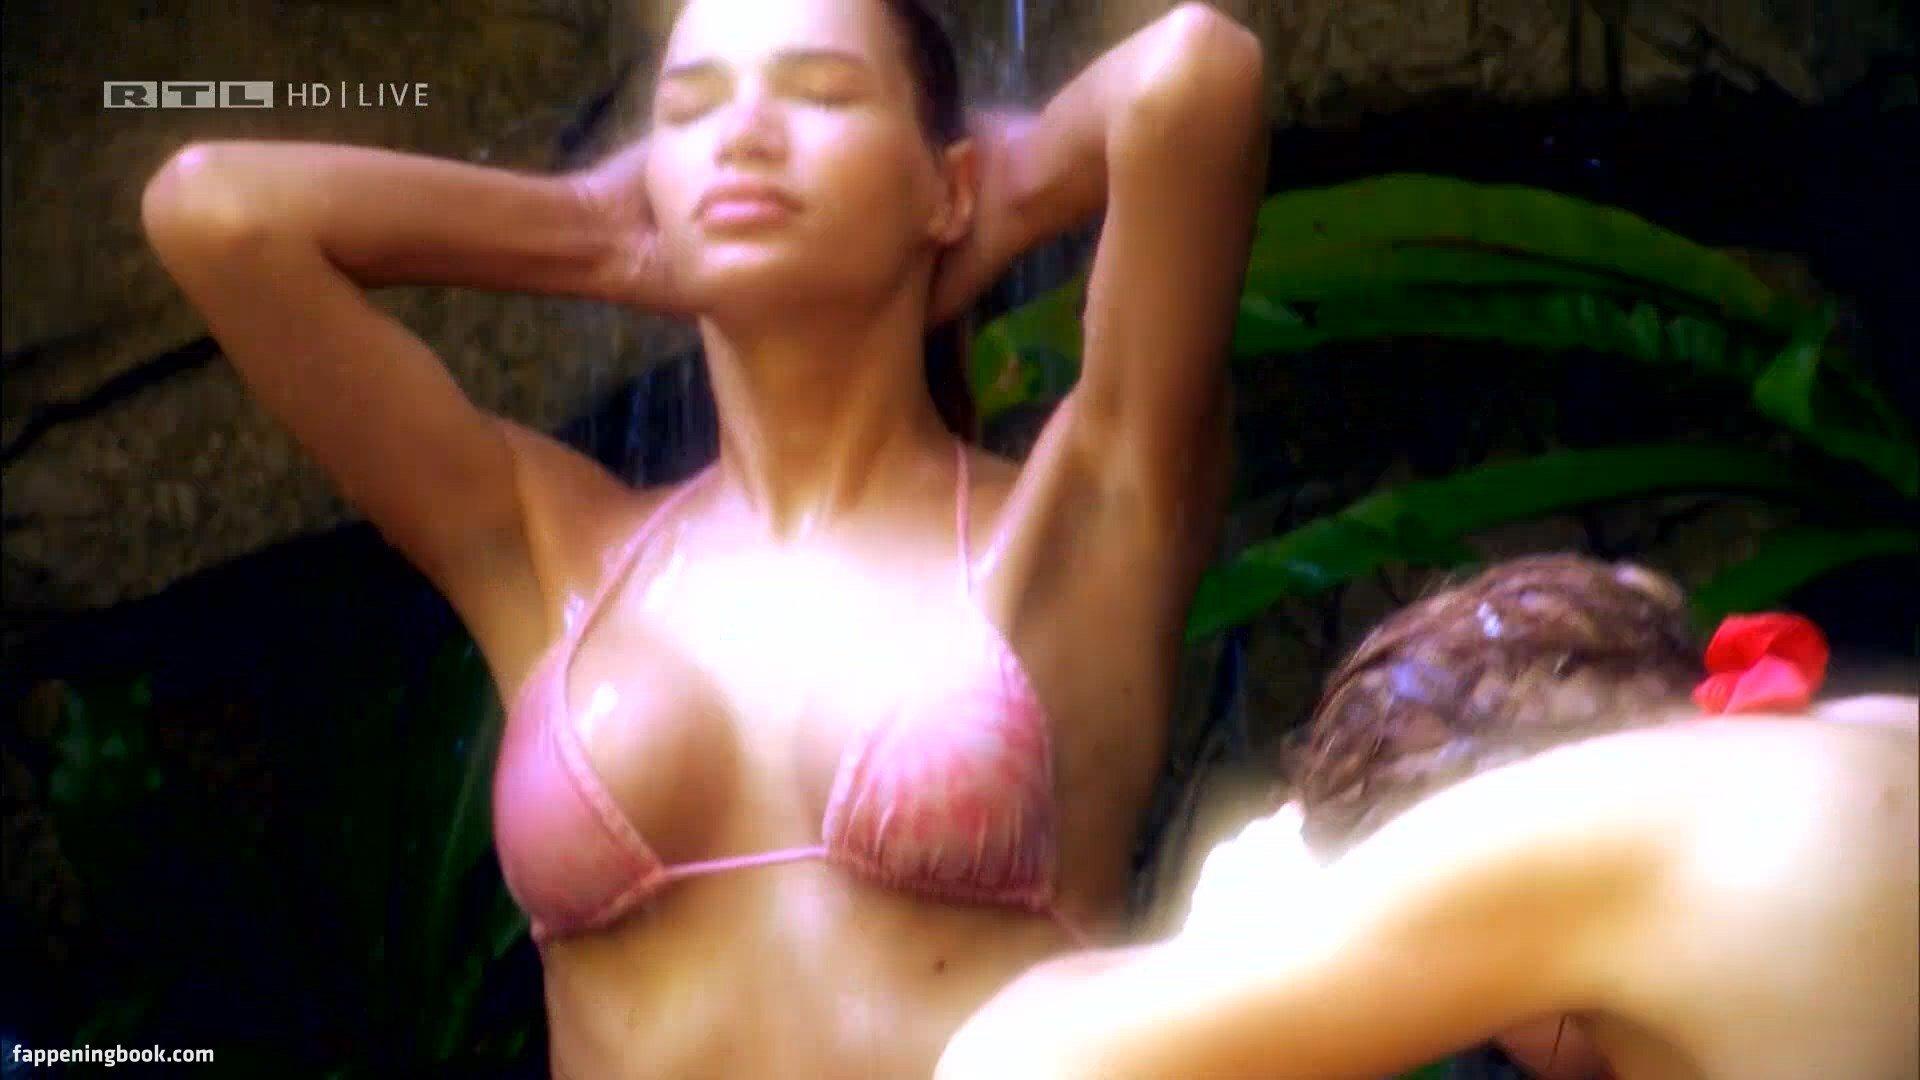 Giuliana farfalla naked